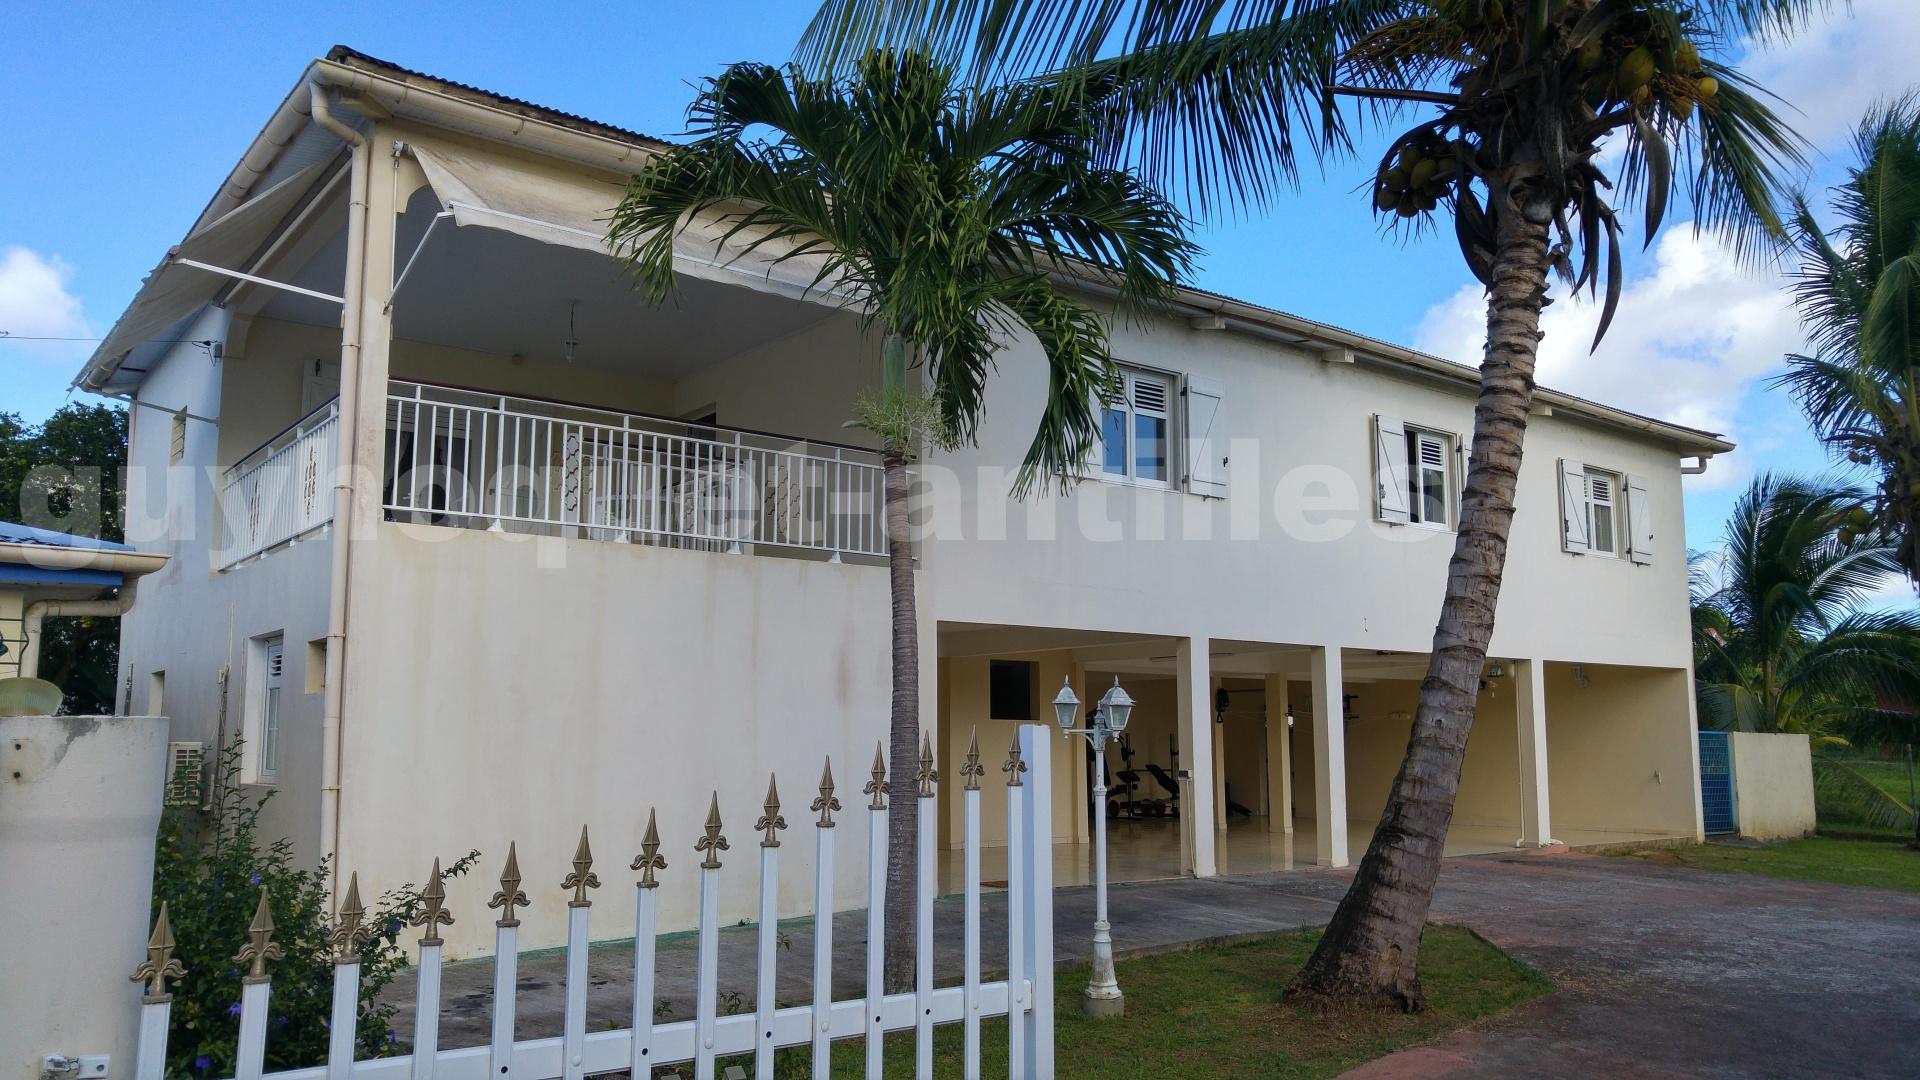 Vente maison le lamentin 6 pieces 300 m2 for Acheter une maison en martinique